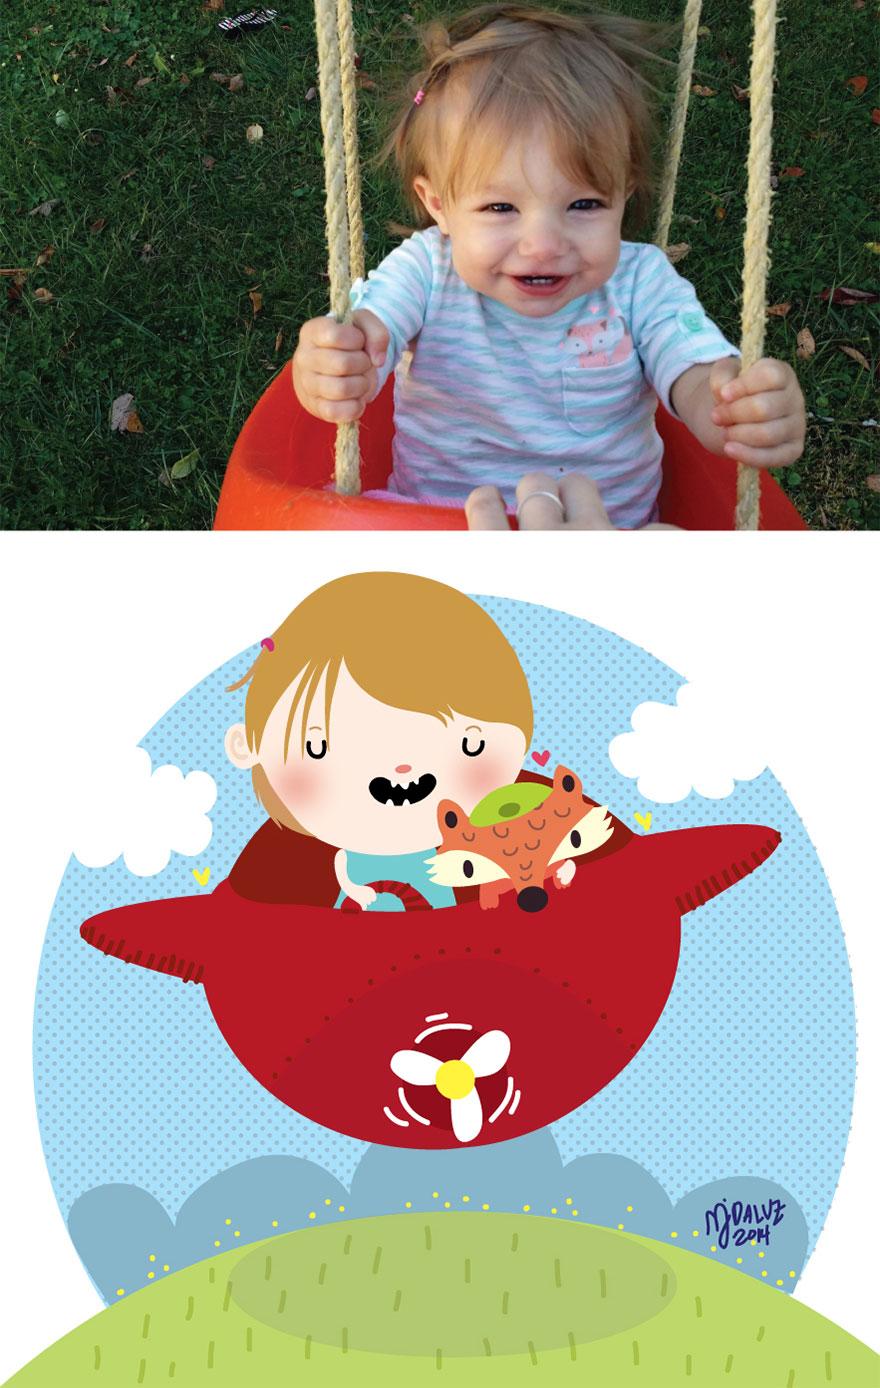 children-photos-illustrations-maria-jose-da-luz-11